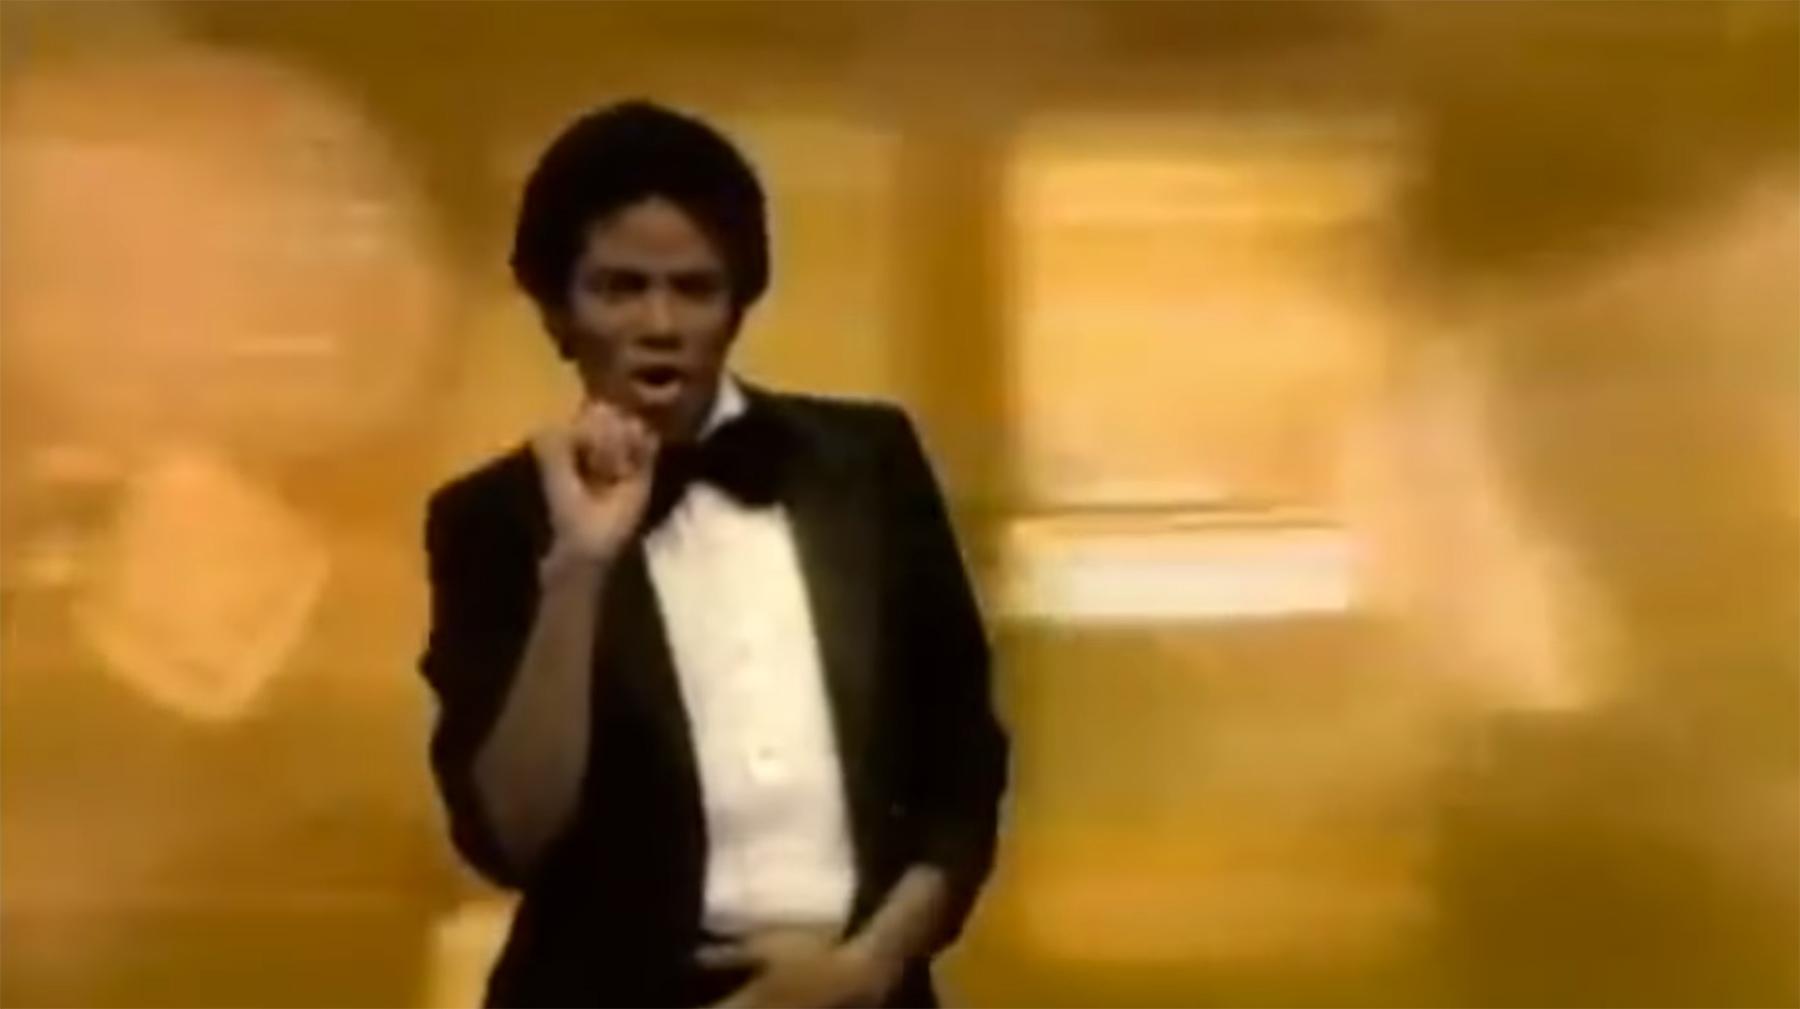 """Wie Michael Jackson seinen ersten Pop-Hit """"Don't Stop 'Til You Get Enough"""" geschaffen hat wie-michael-jackson-seinen-ersten-hit-geschrieben-hat"""